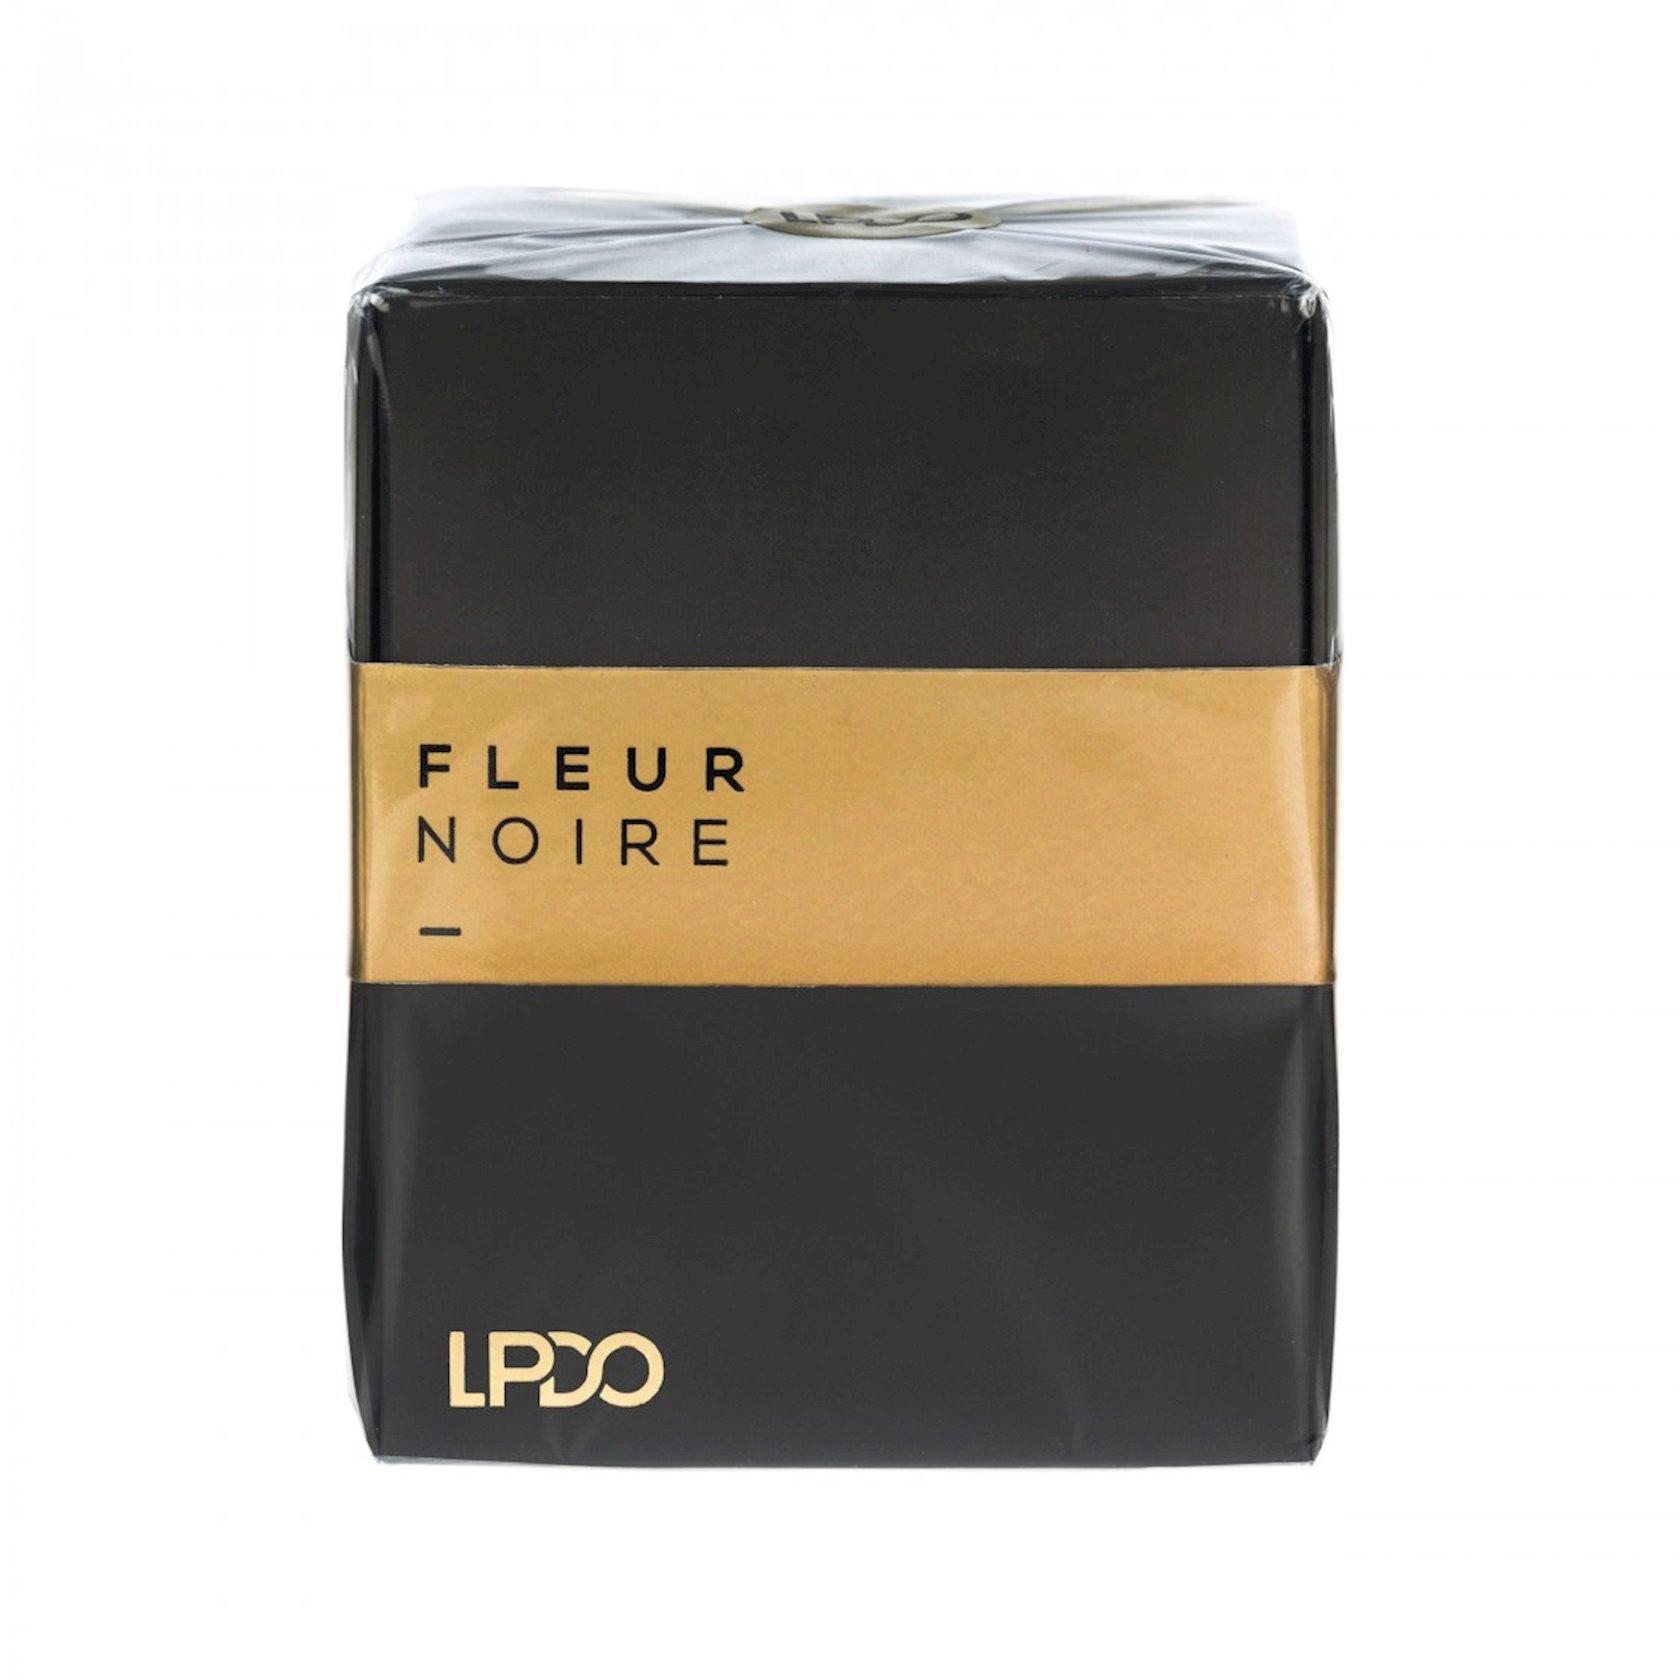 Uniseks ətir suyu LPDO Fleur Noire 100ml